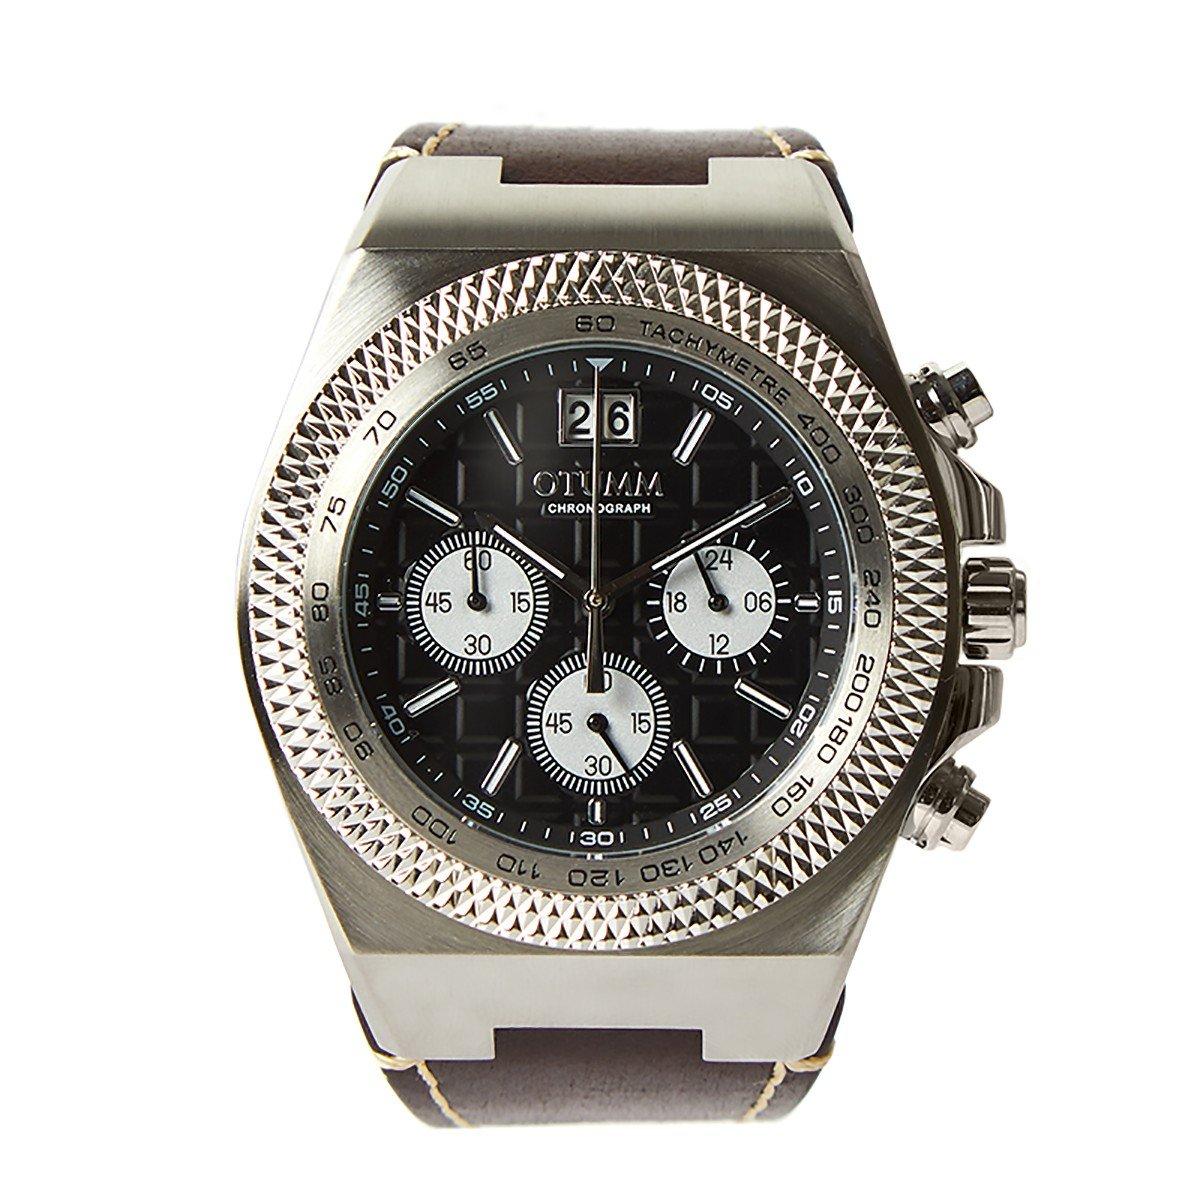 Otumm Big Date Acero 45mm Correa Piel Color 01 BDSTL-45001 Unisex Big Date Reloj: Amazon.es: Relojes